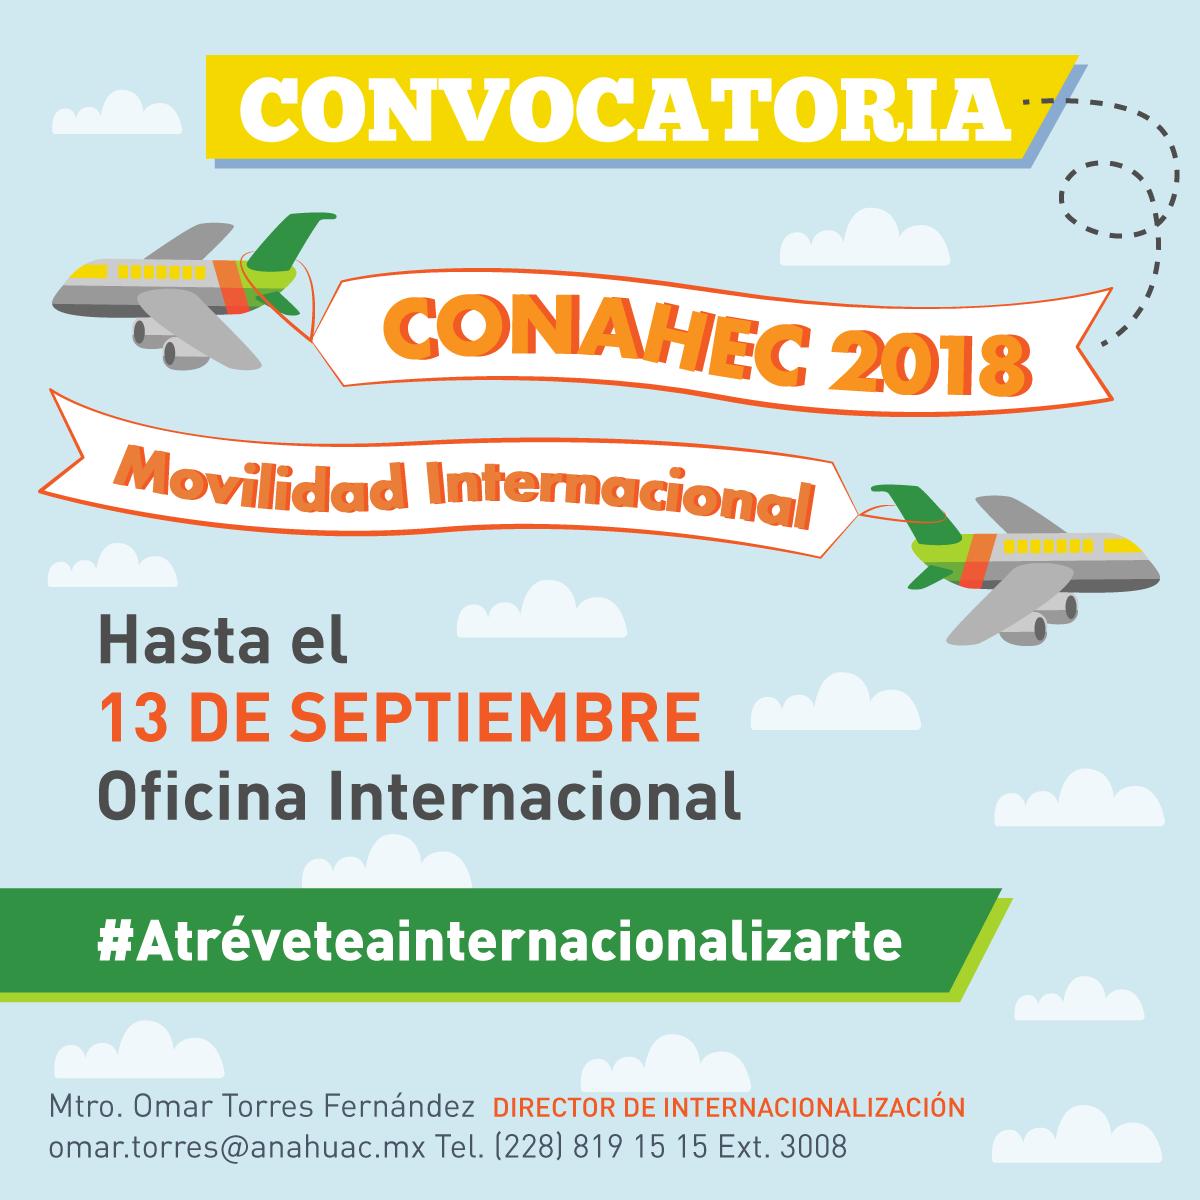 Convocatoria de Movilidad Internacional CONAHEC 2018